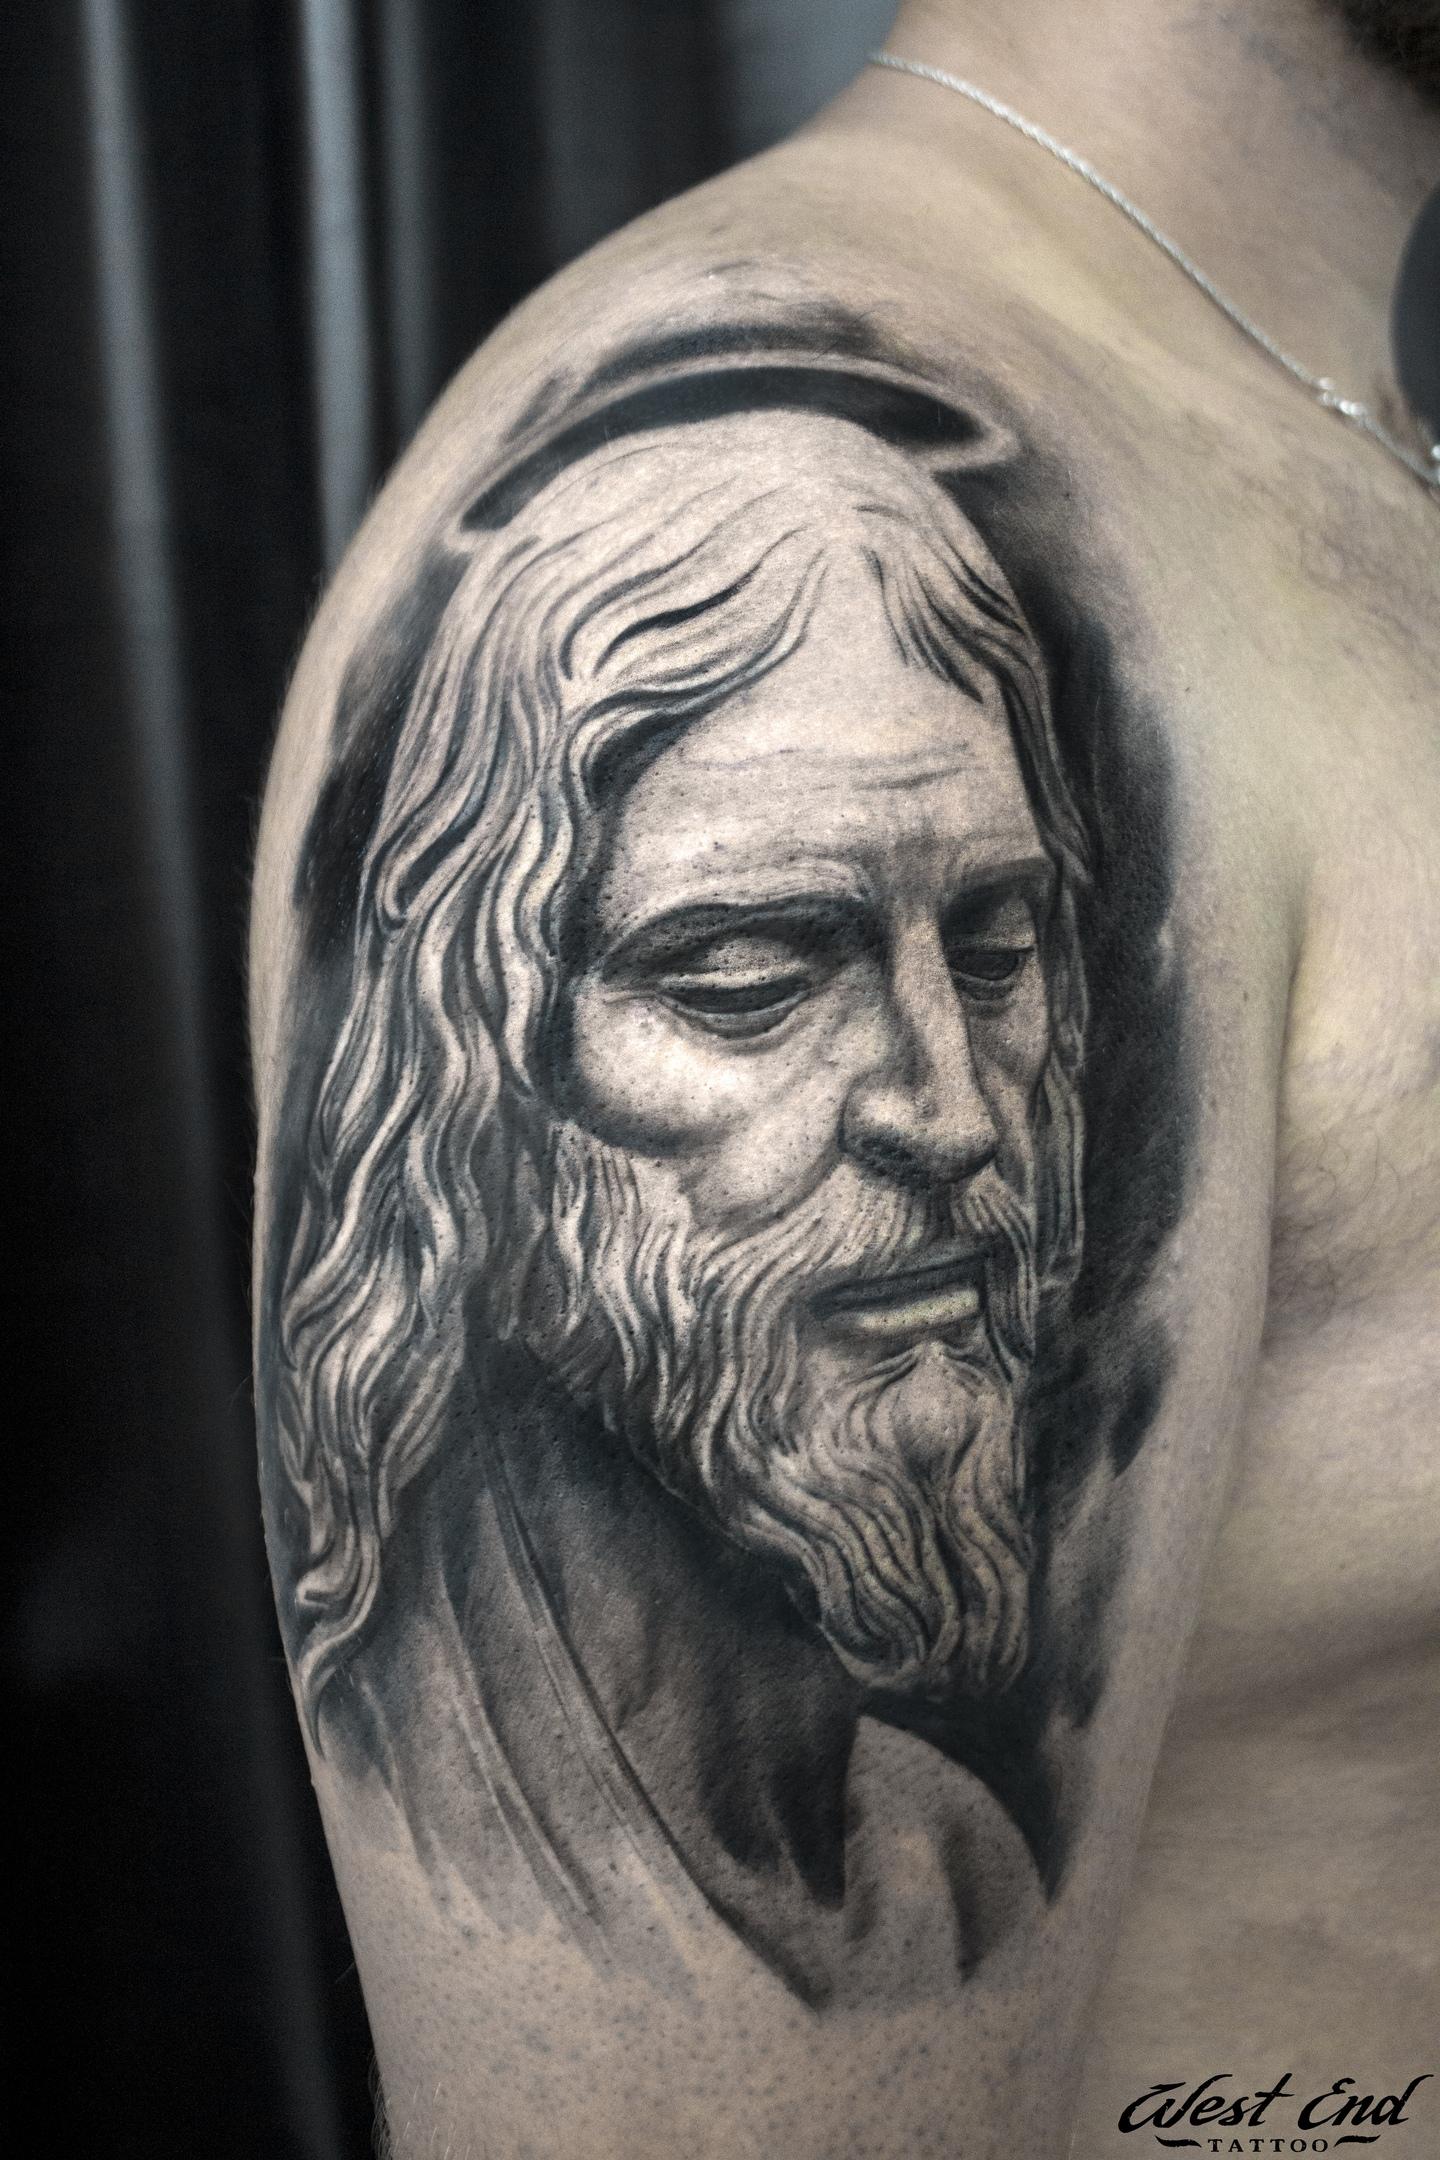 Тату Иисус реализм портрет черно белая